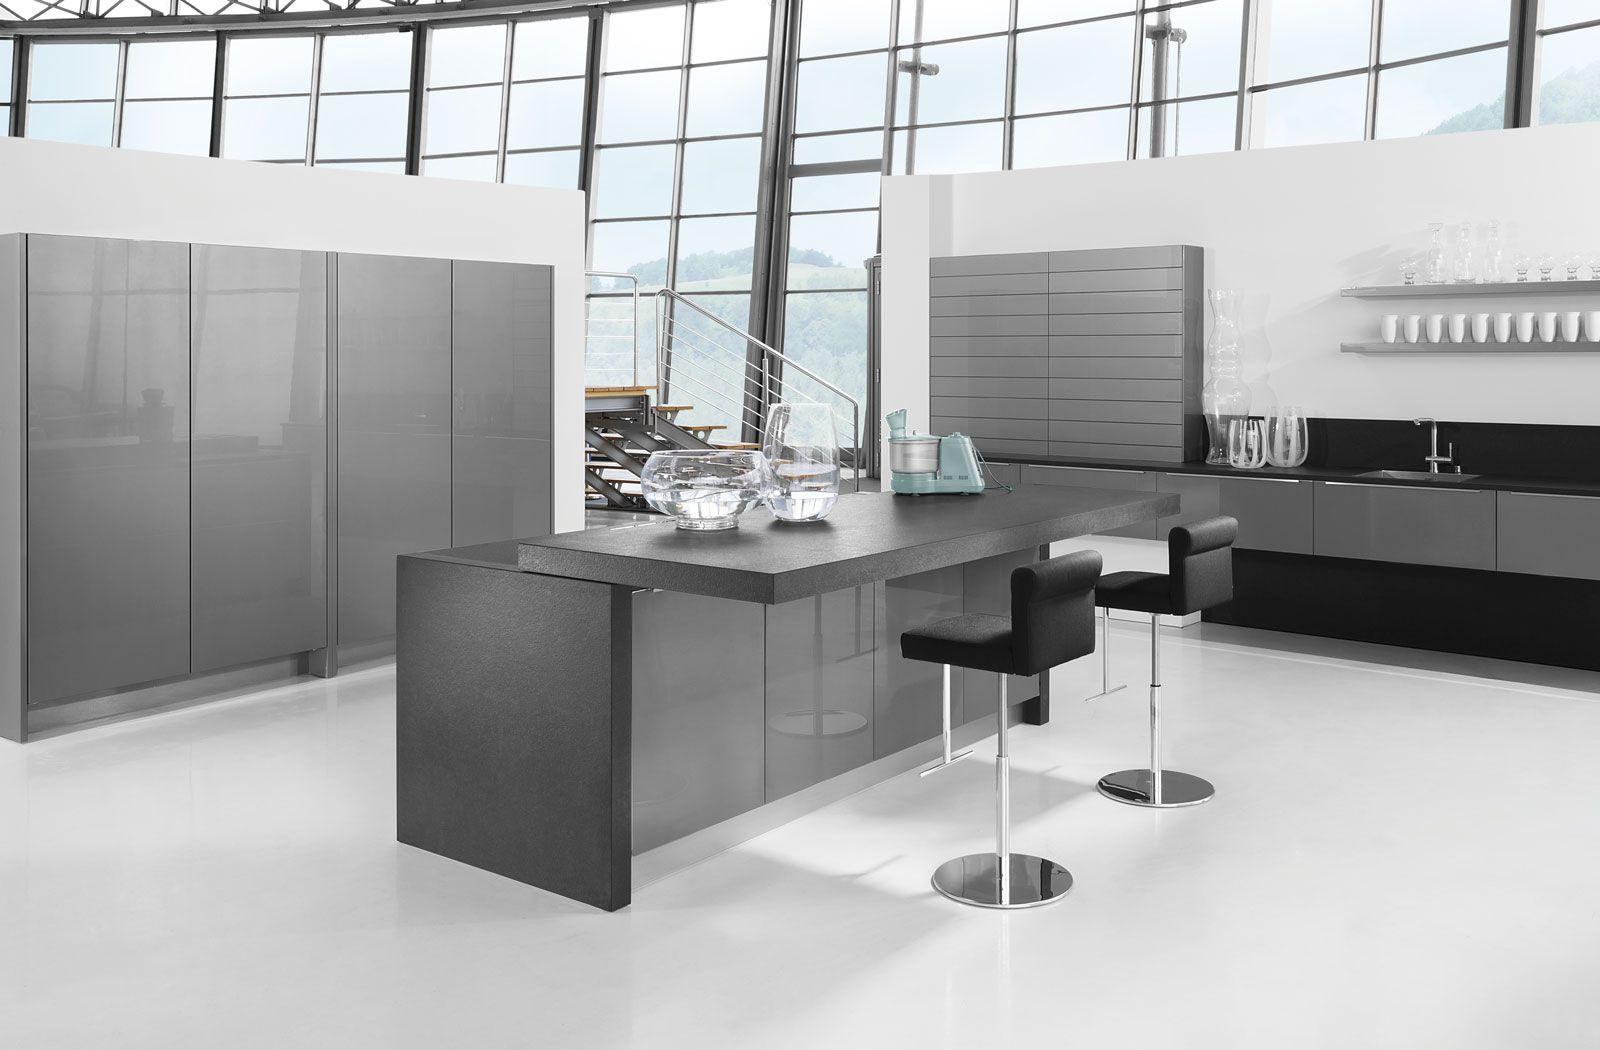 Erfreut Deutsch Küchenzentrum Miami Fotos - Ideen Für Die Küche ...